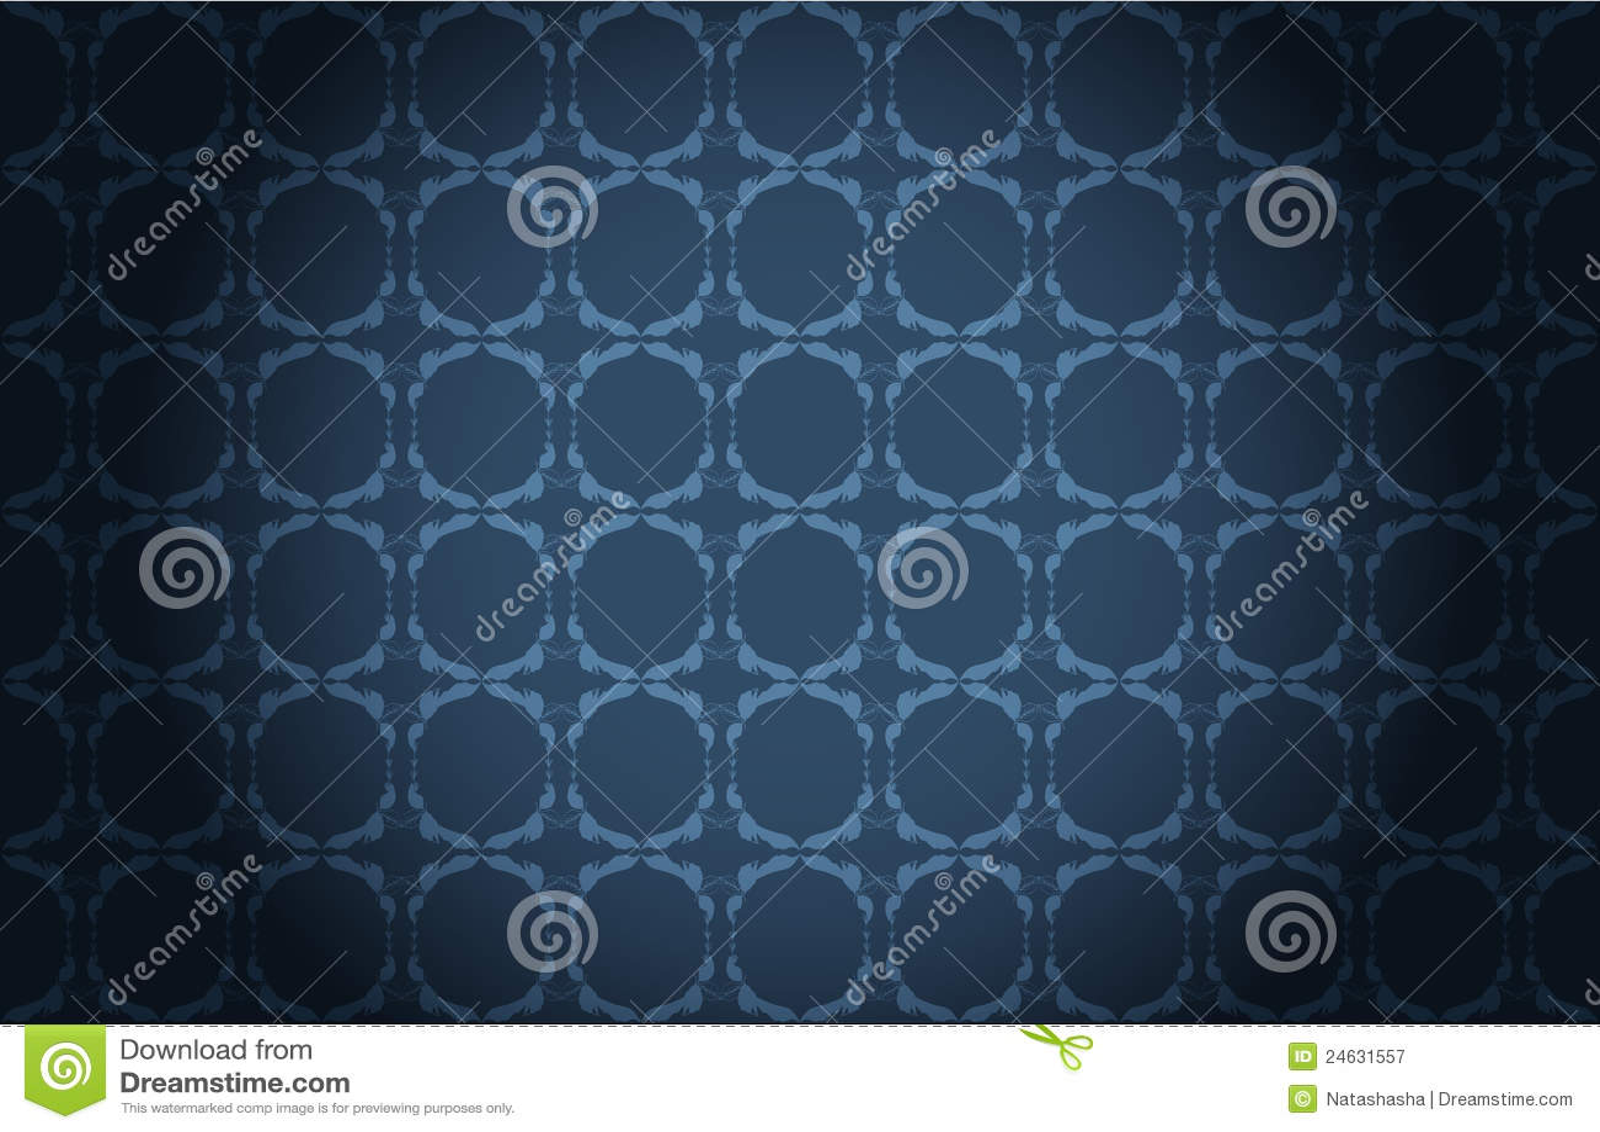 Papel pintado decorativo azul fotograf a de archivo libre for Papel pintado decorativo